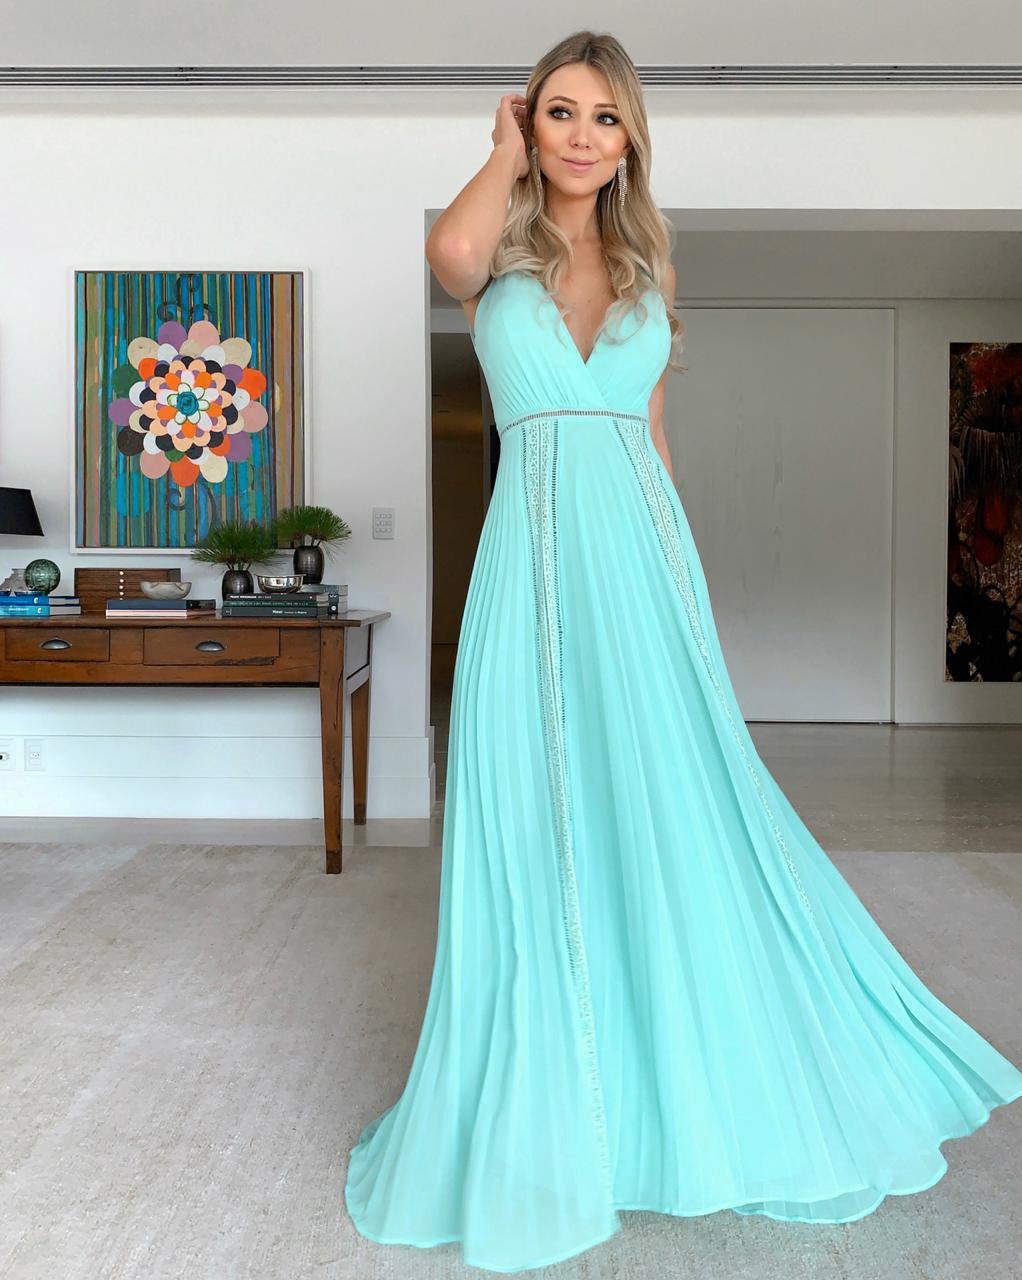 Vestido Longo Plissado Tiffany